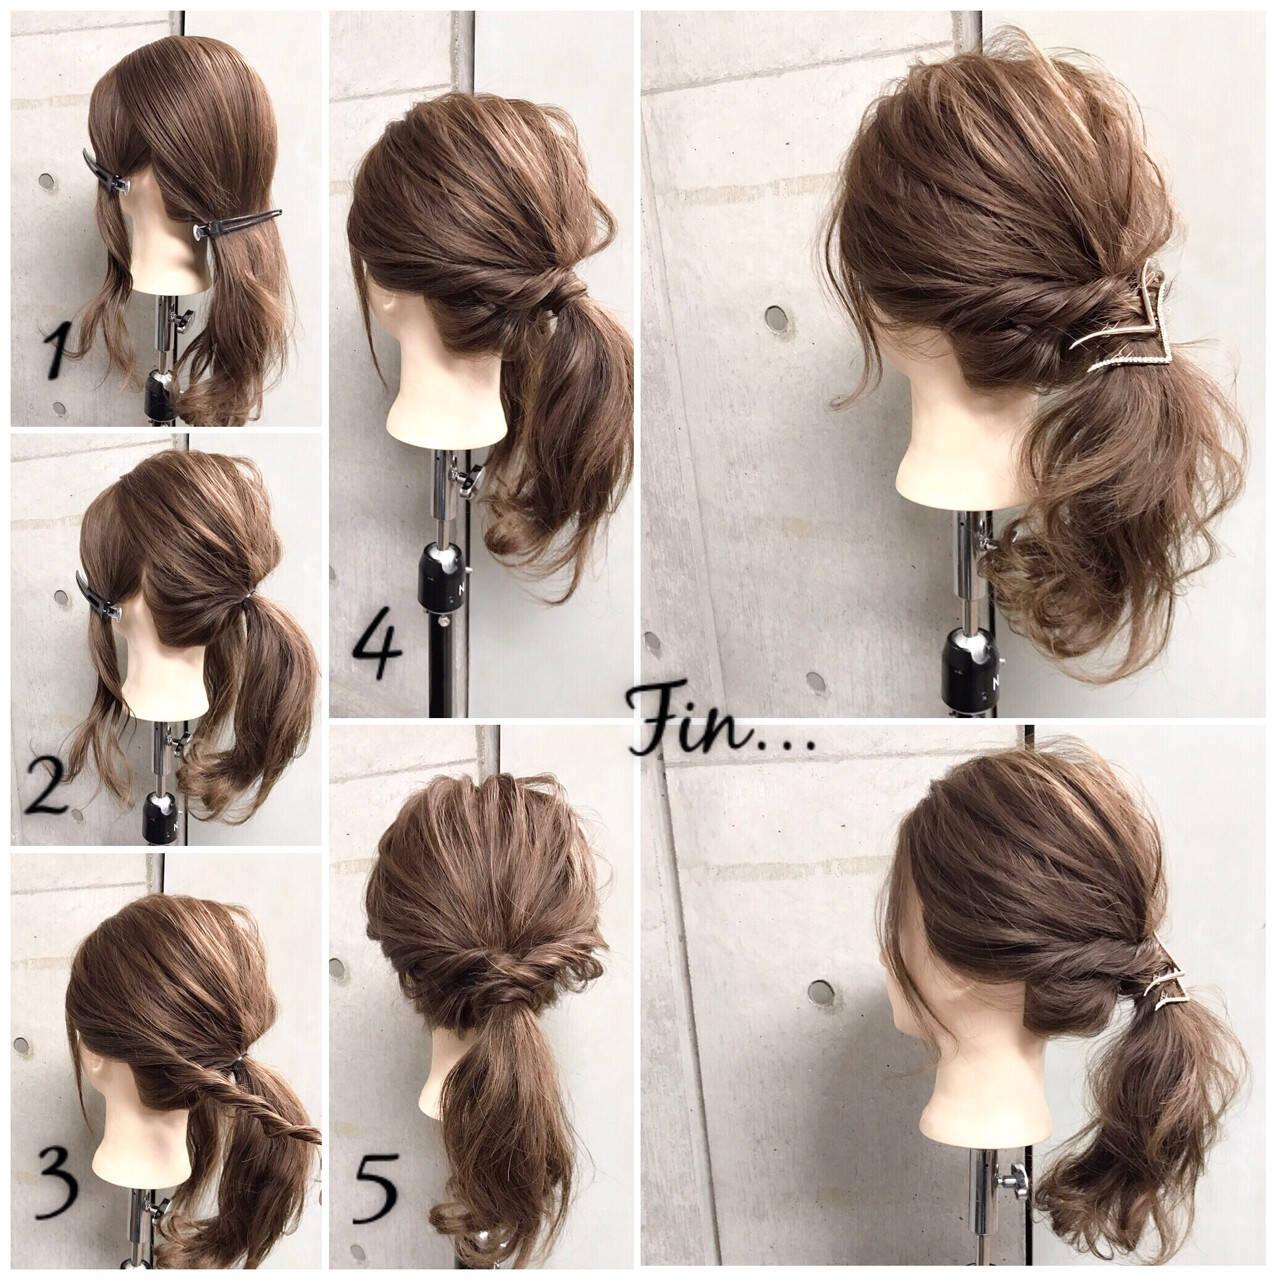 フェミニン ヘアアレンジ セミロング 簡単ヘアアレンジヘアスタイルや髪型の写真・画像